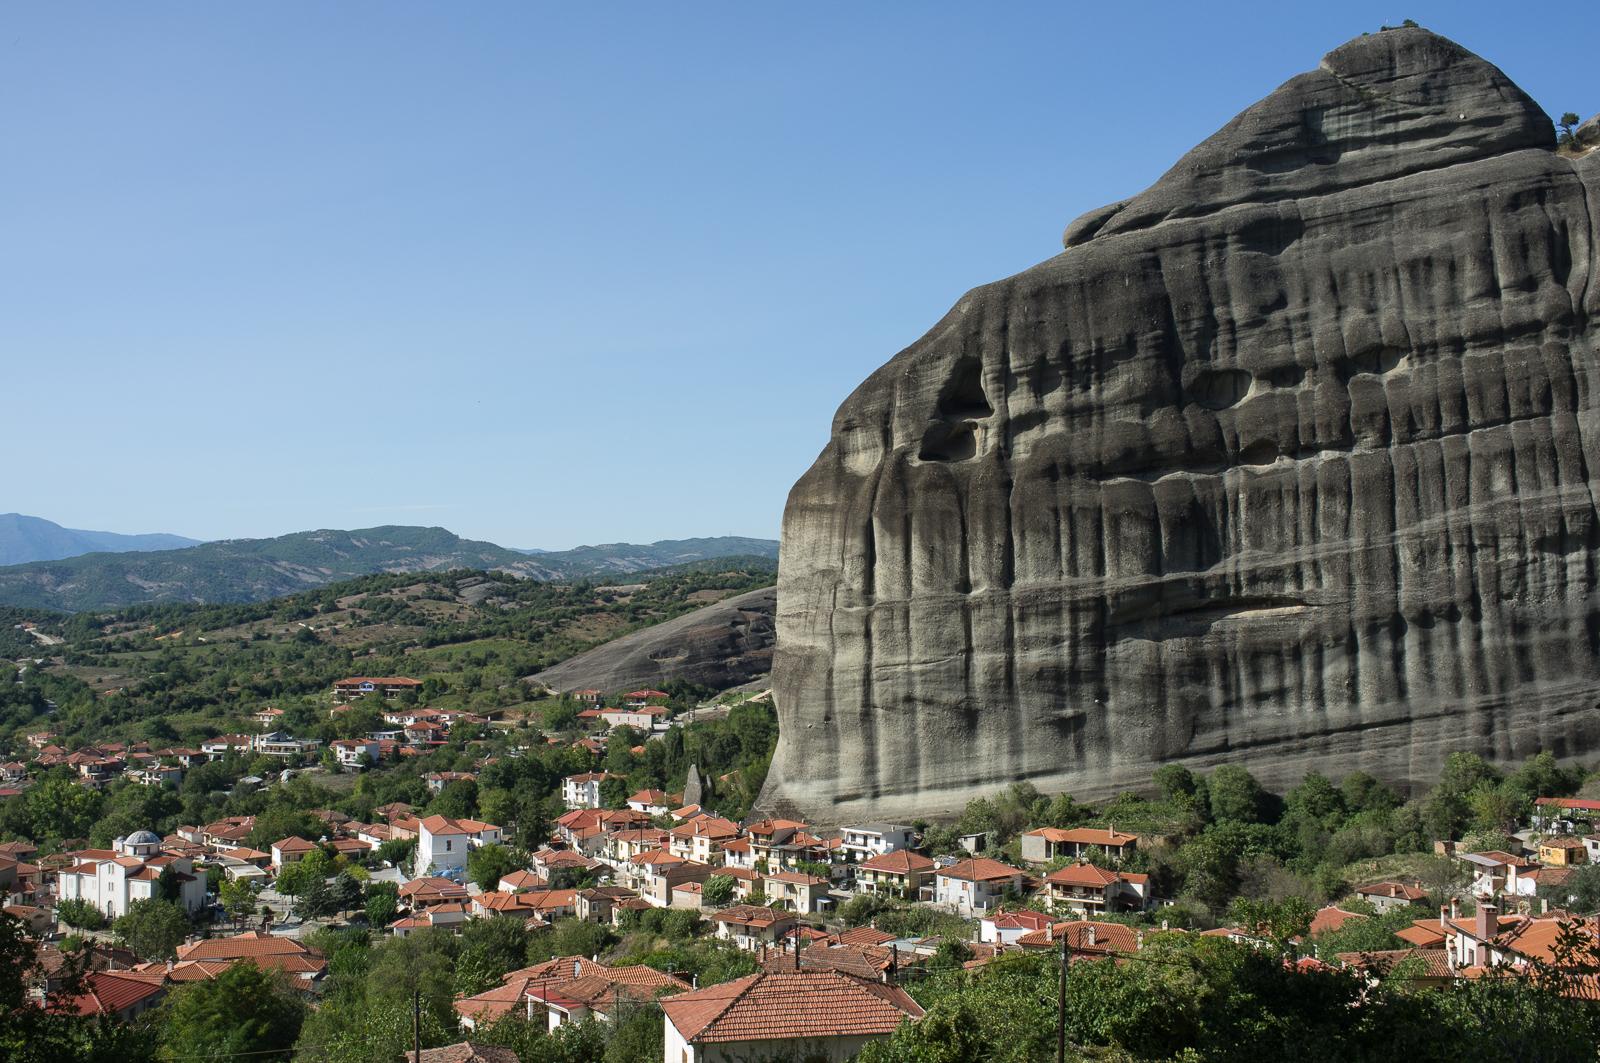 The village of Kastraki